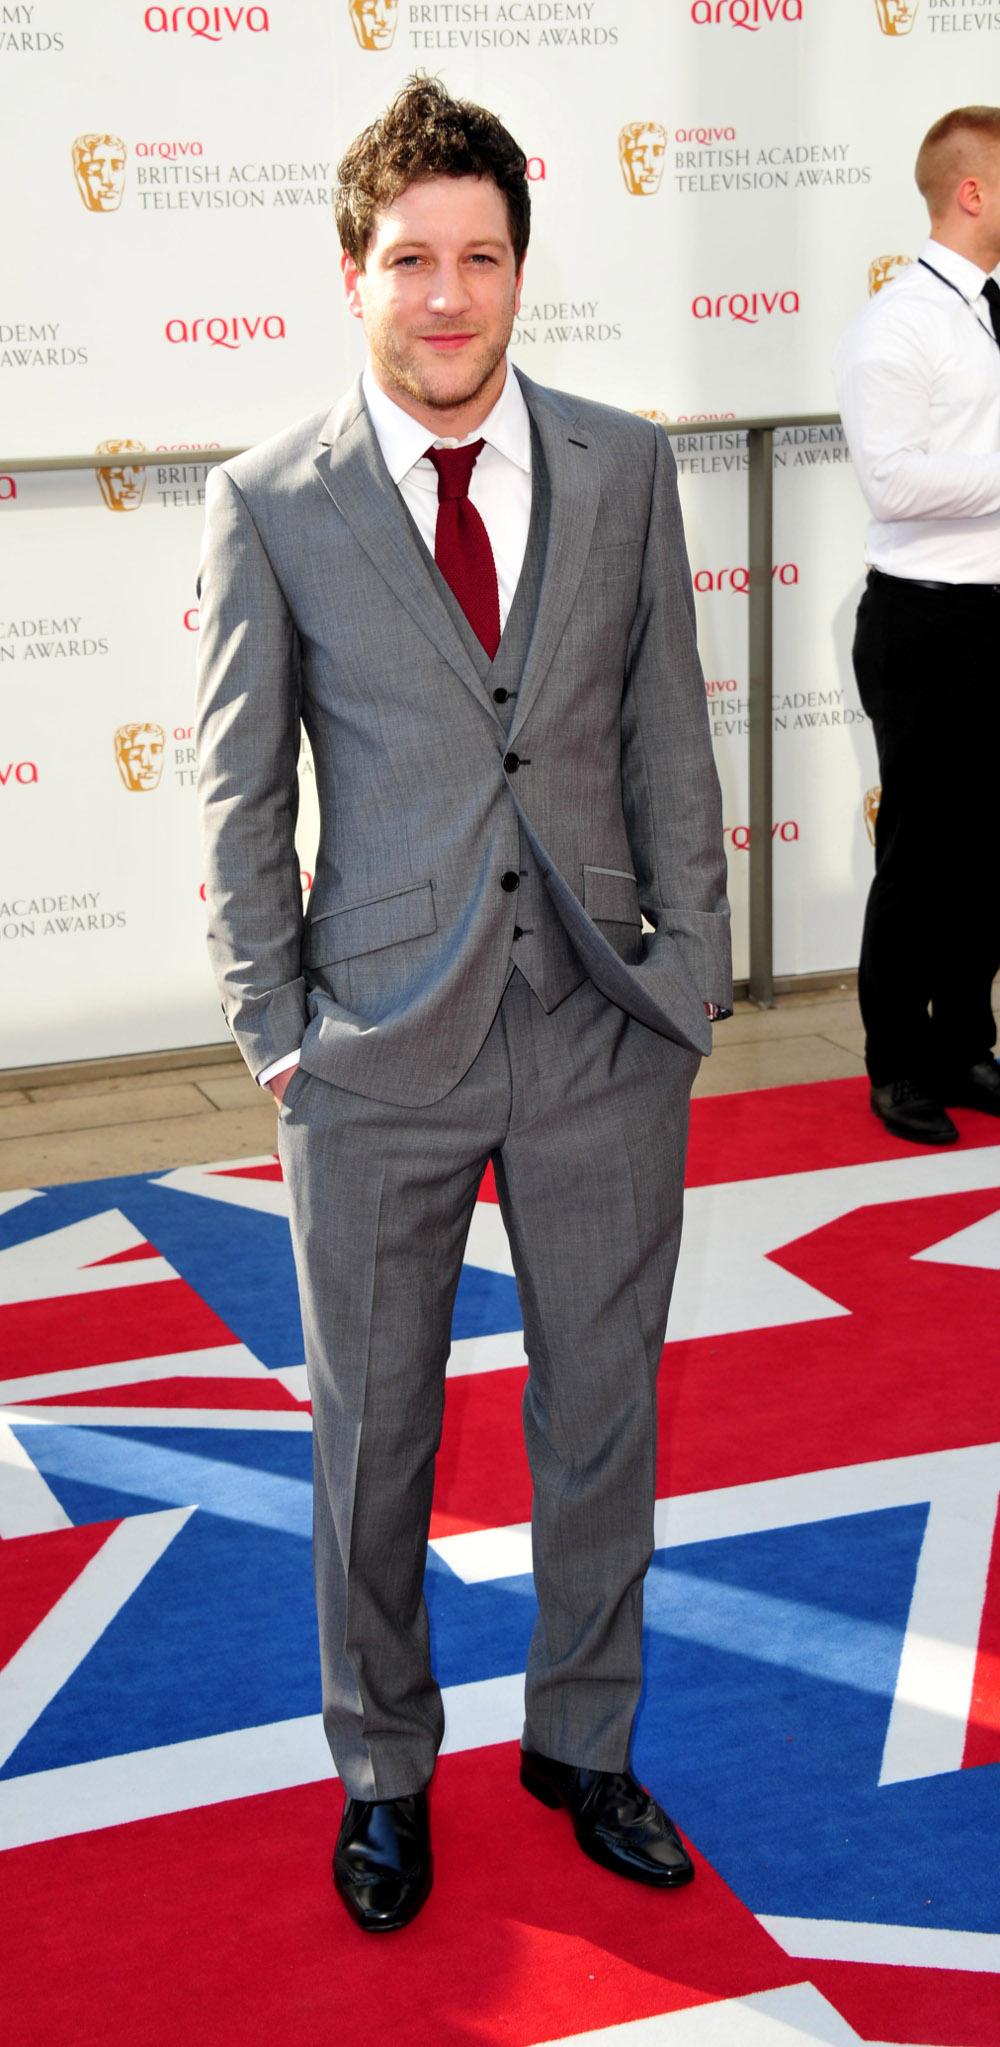 Ο νικητής του βρετανικού X Factor, Ματ Καρντλ